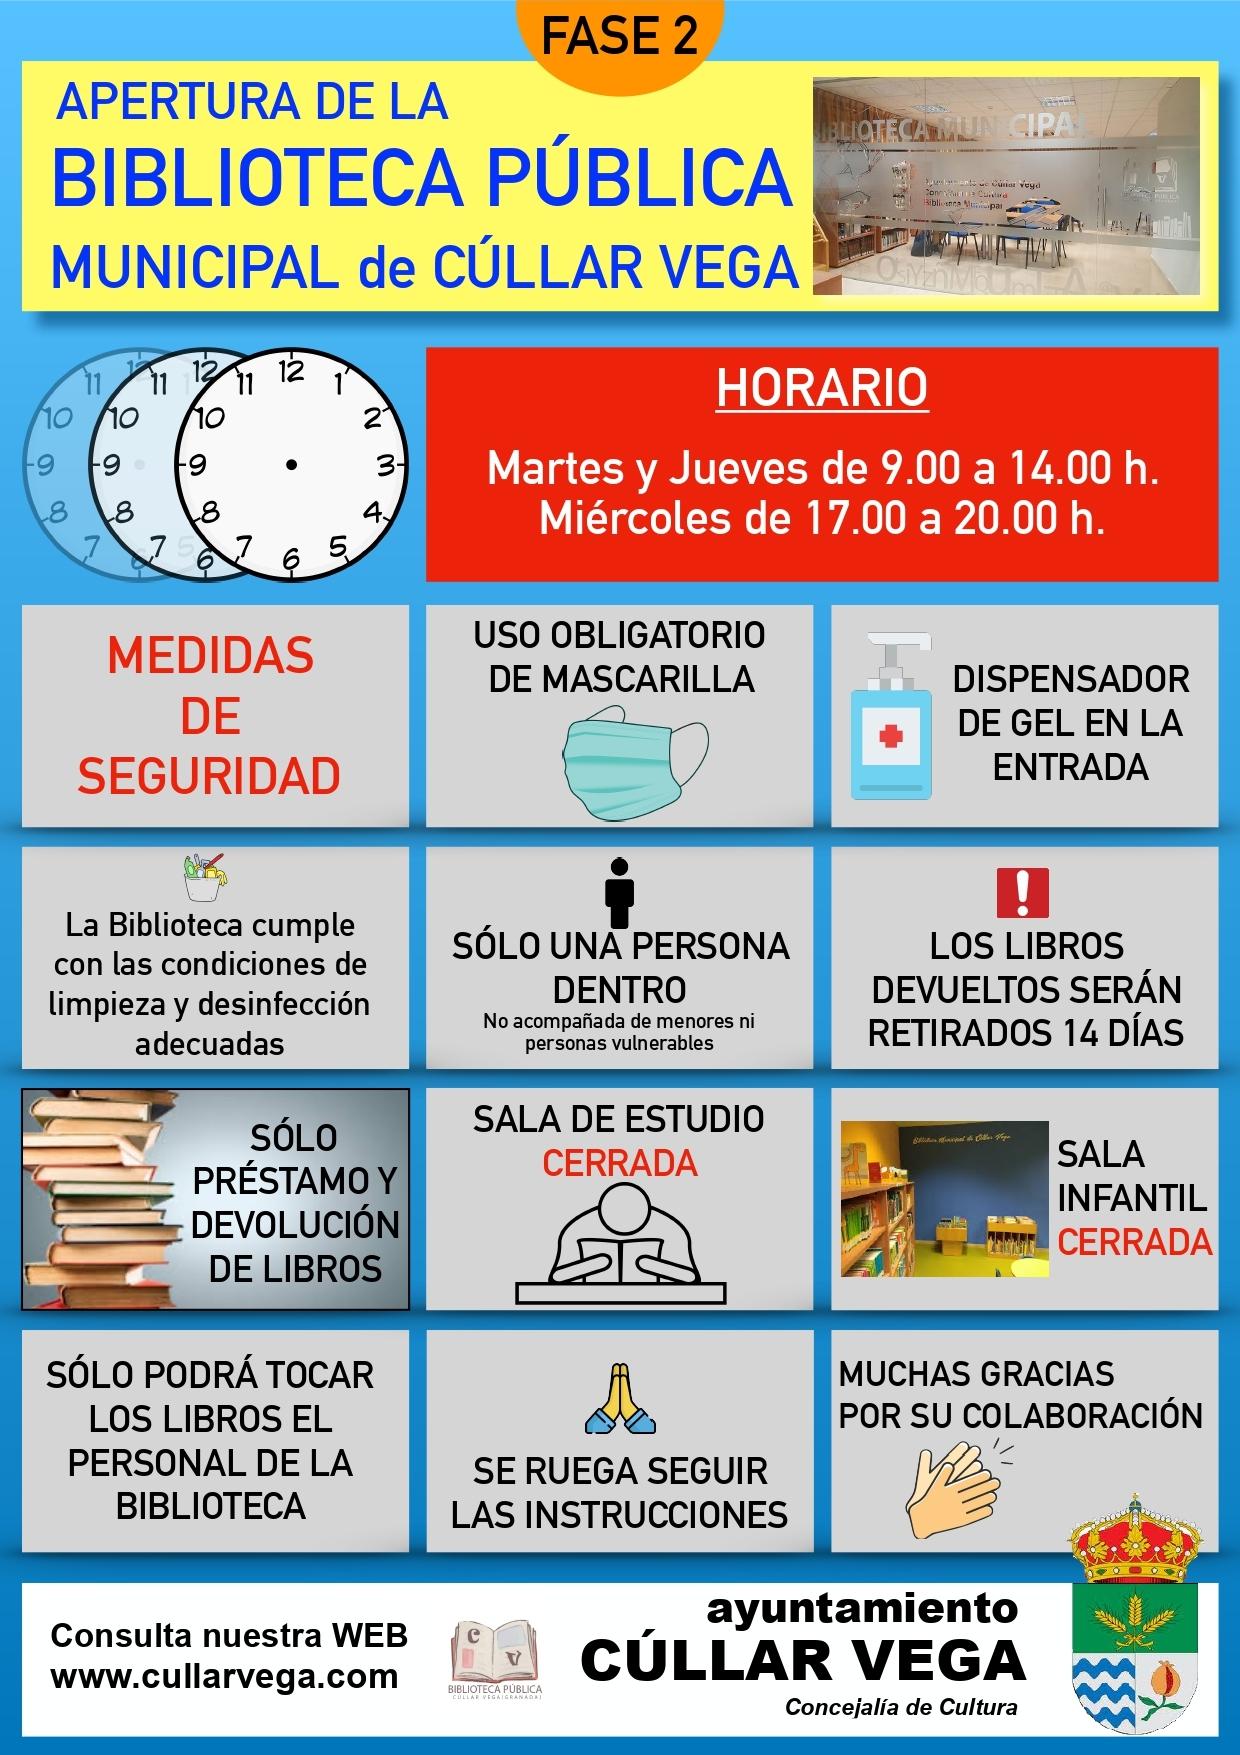 Apertura de la Biblioteca Municipal de Cúllar Vega